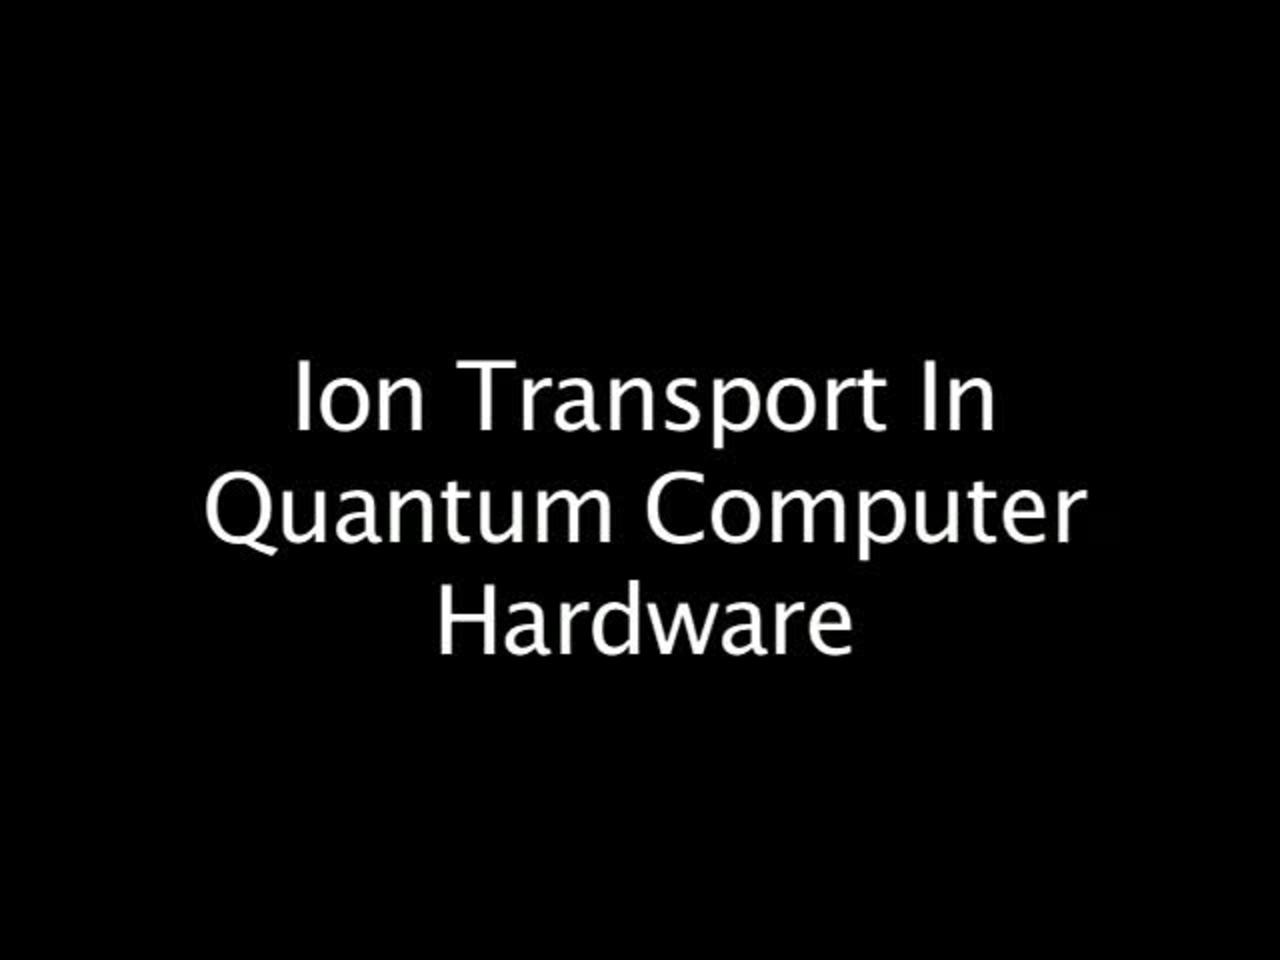 Ion Transport in Quantum Computer Hardware